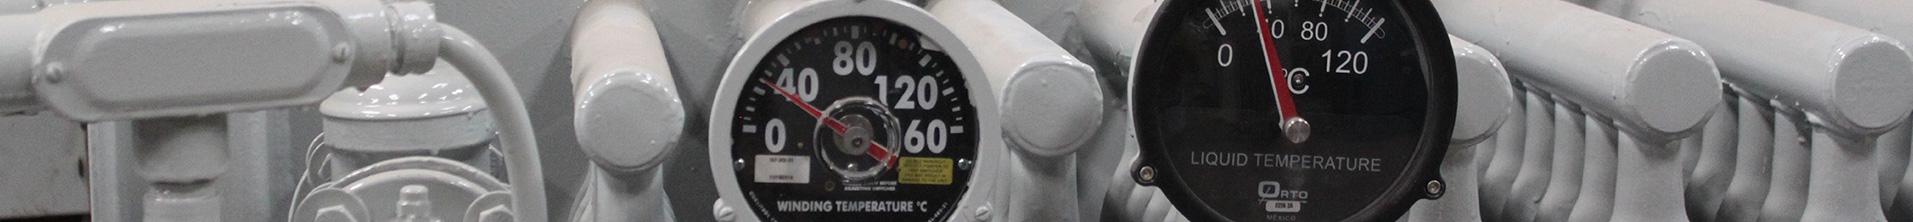 header background: substation gauges